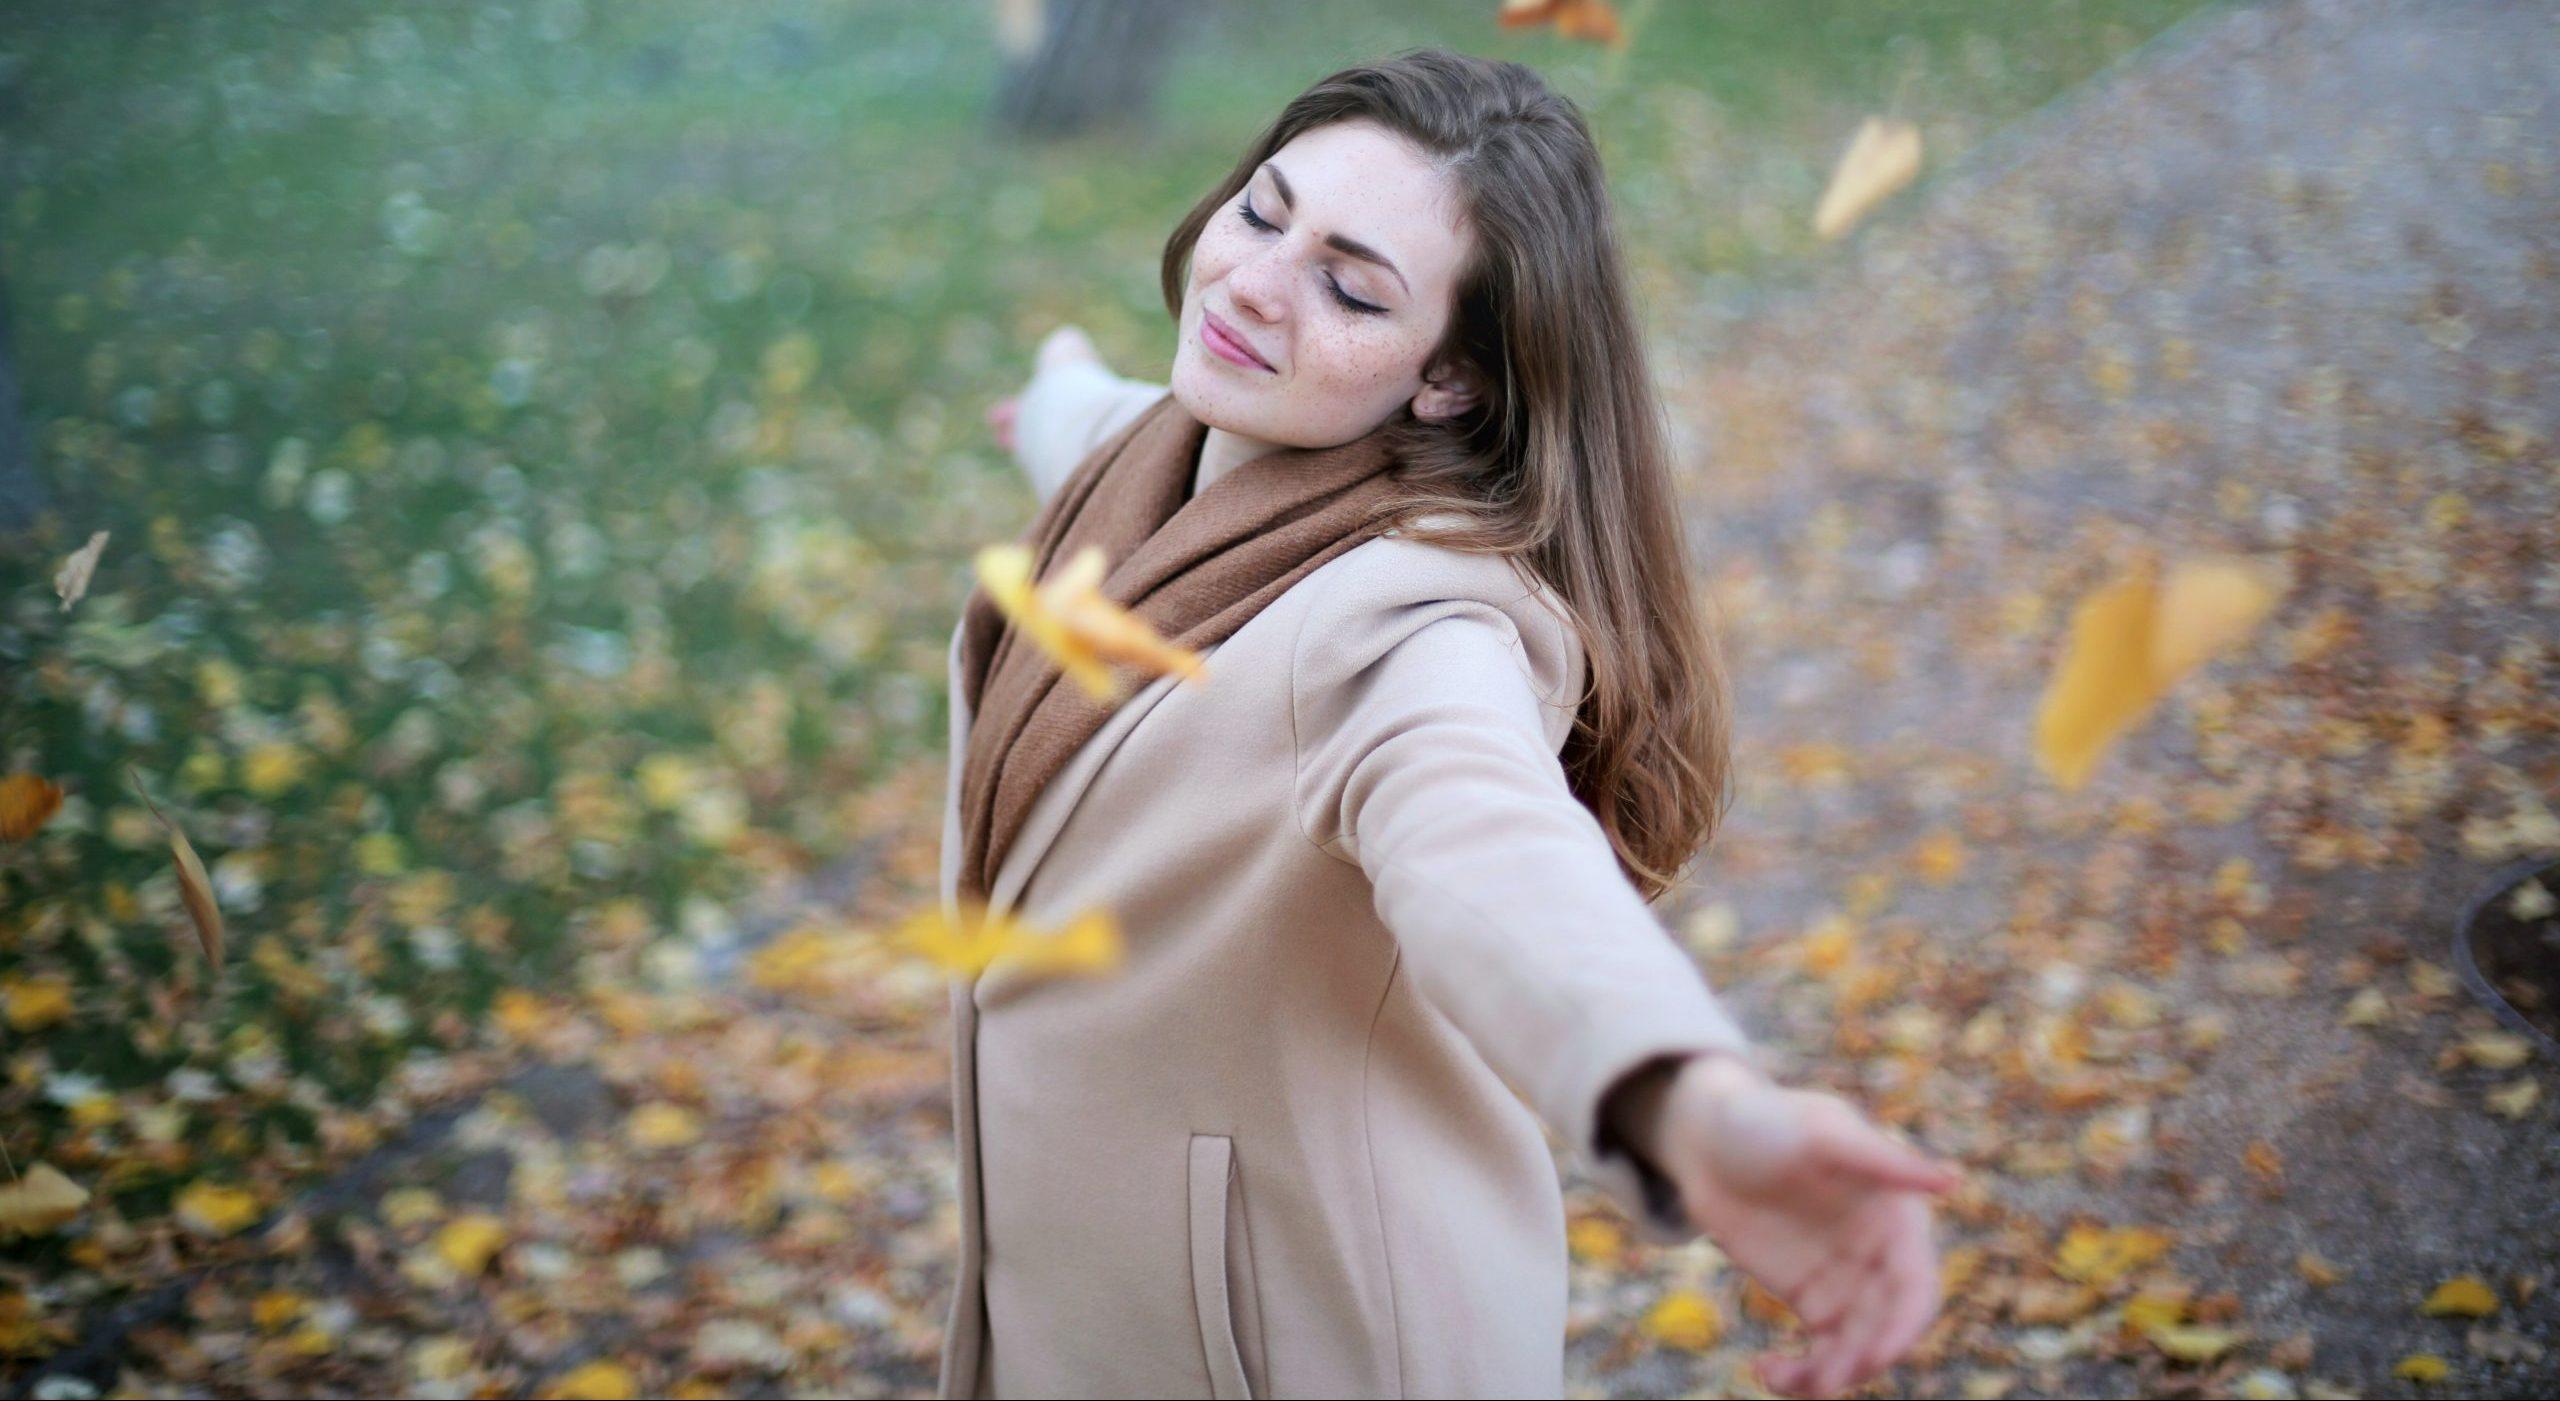 femme-détendue-avec-des-feuilles-qui-volent-autour-d-elle